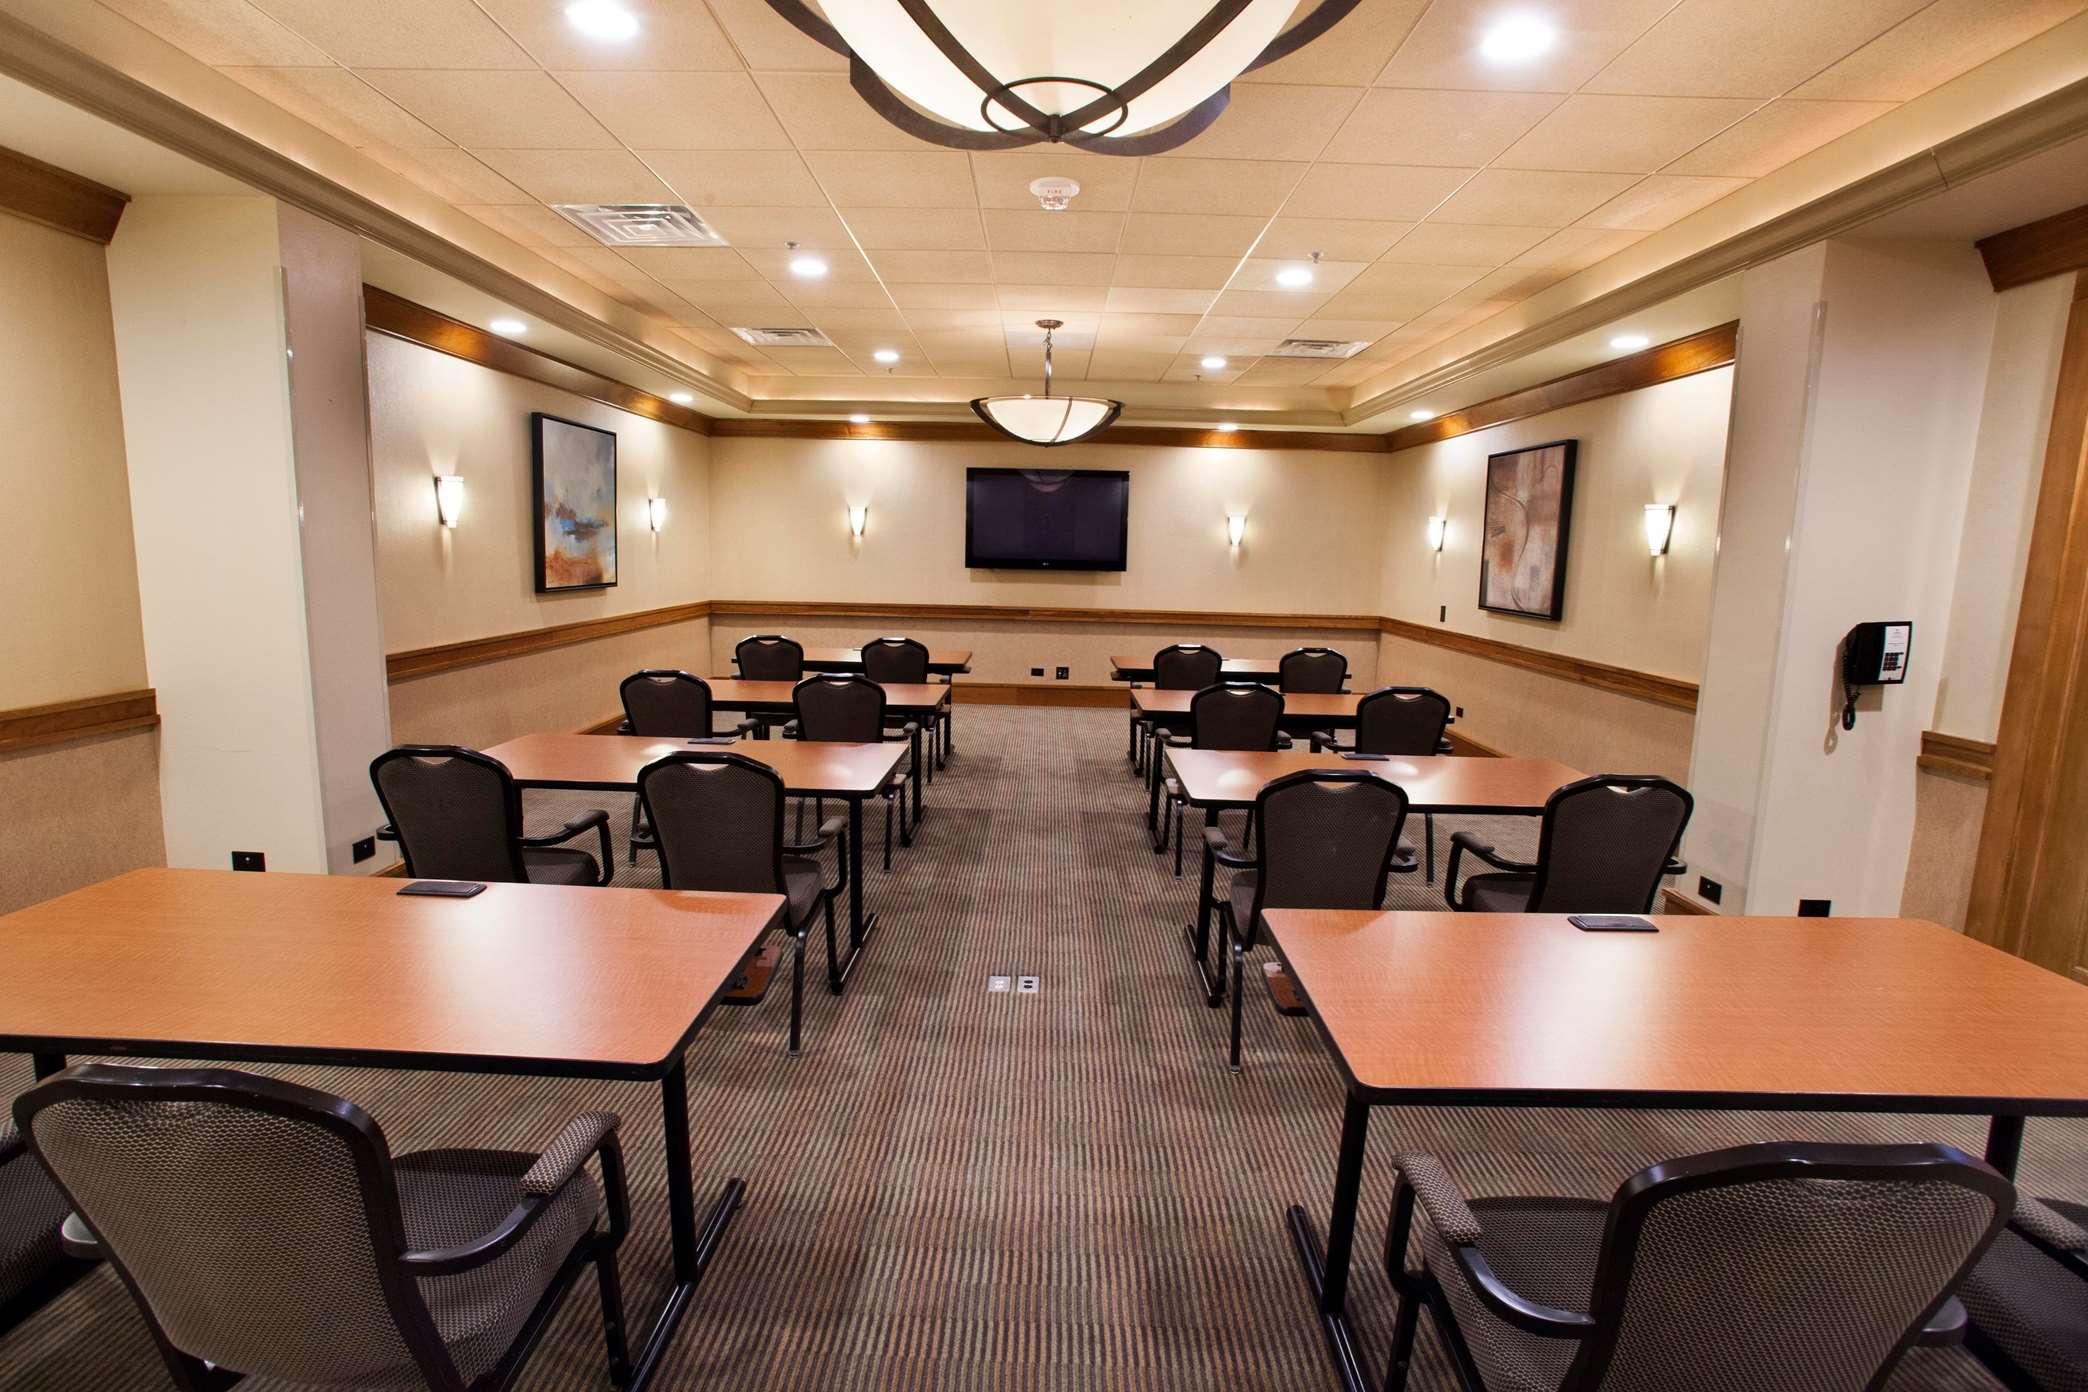 Hilton Chicago/Oak Brook Suites image 11